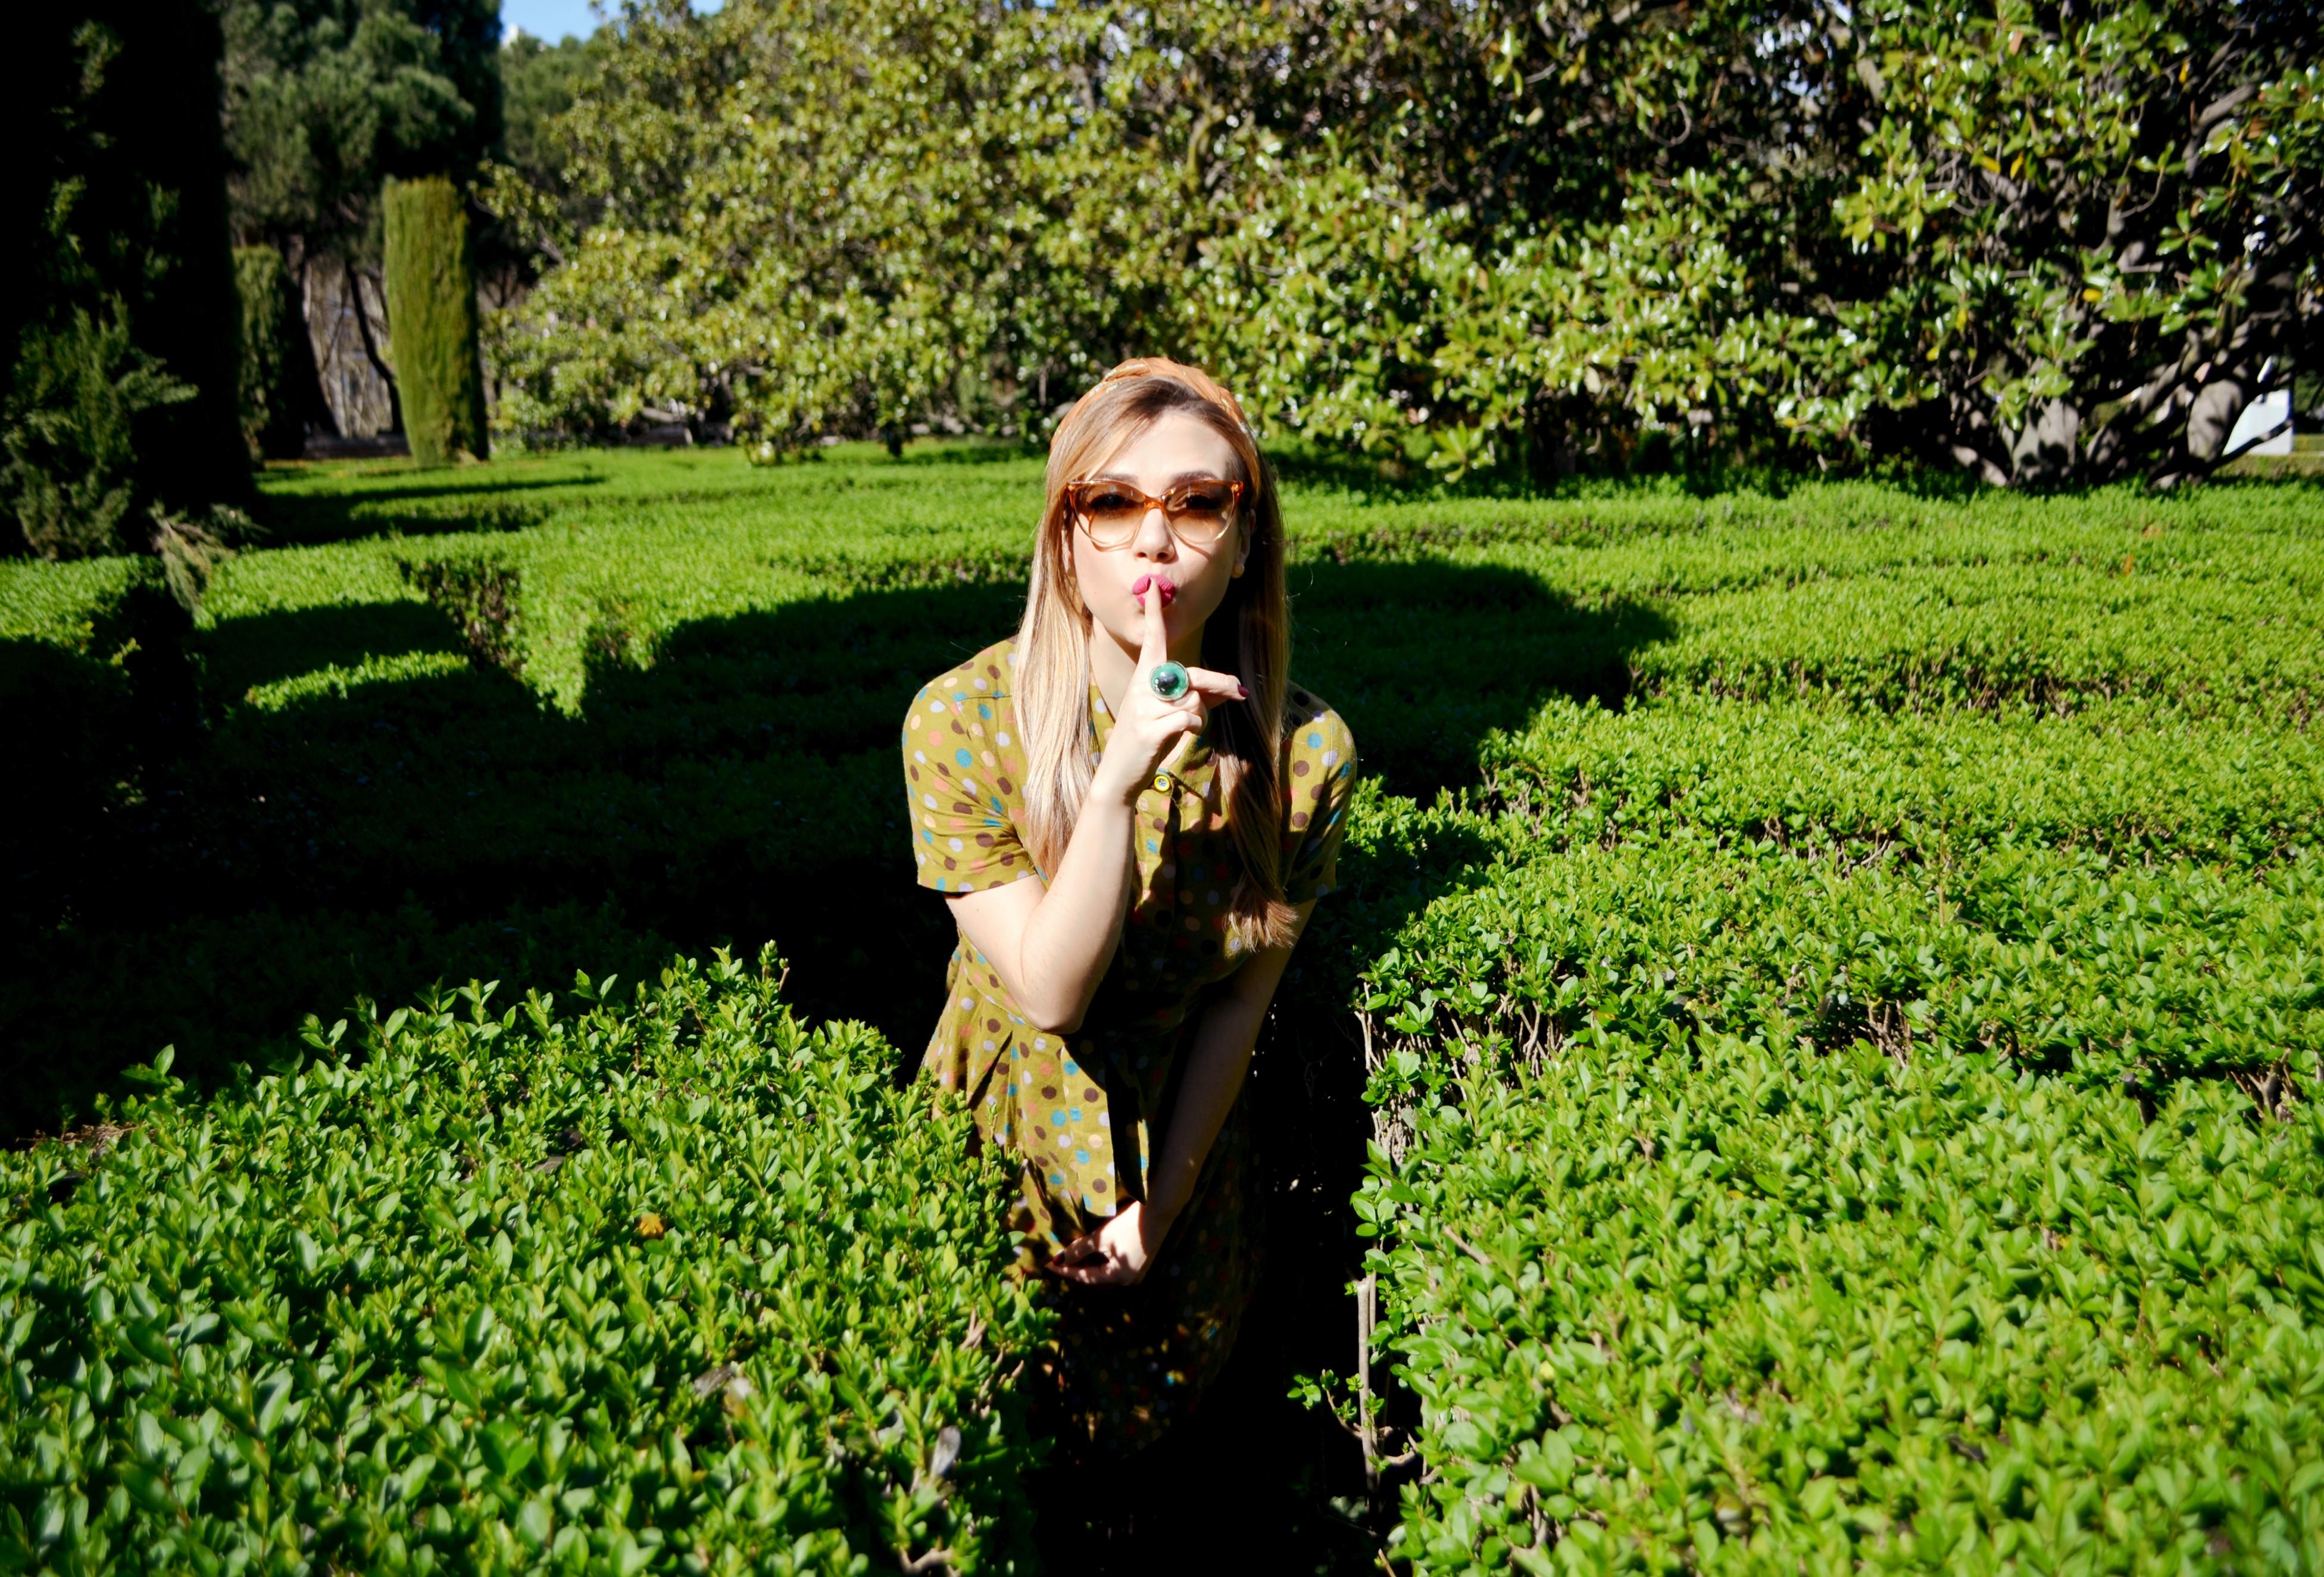 Blog-de-moda-ChicAdicta-influencer-Chic-Adicta-Madrid-street-style-vestido-de-lunares-green-look-PiensaenChic-vestido-verde-Piensa-en-Chic